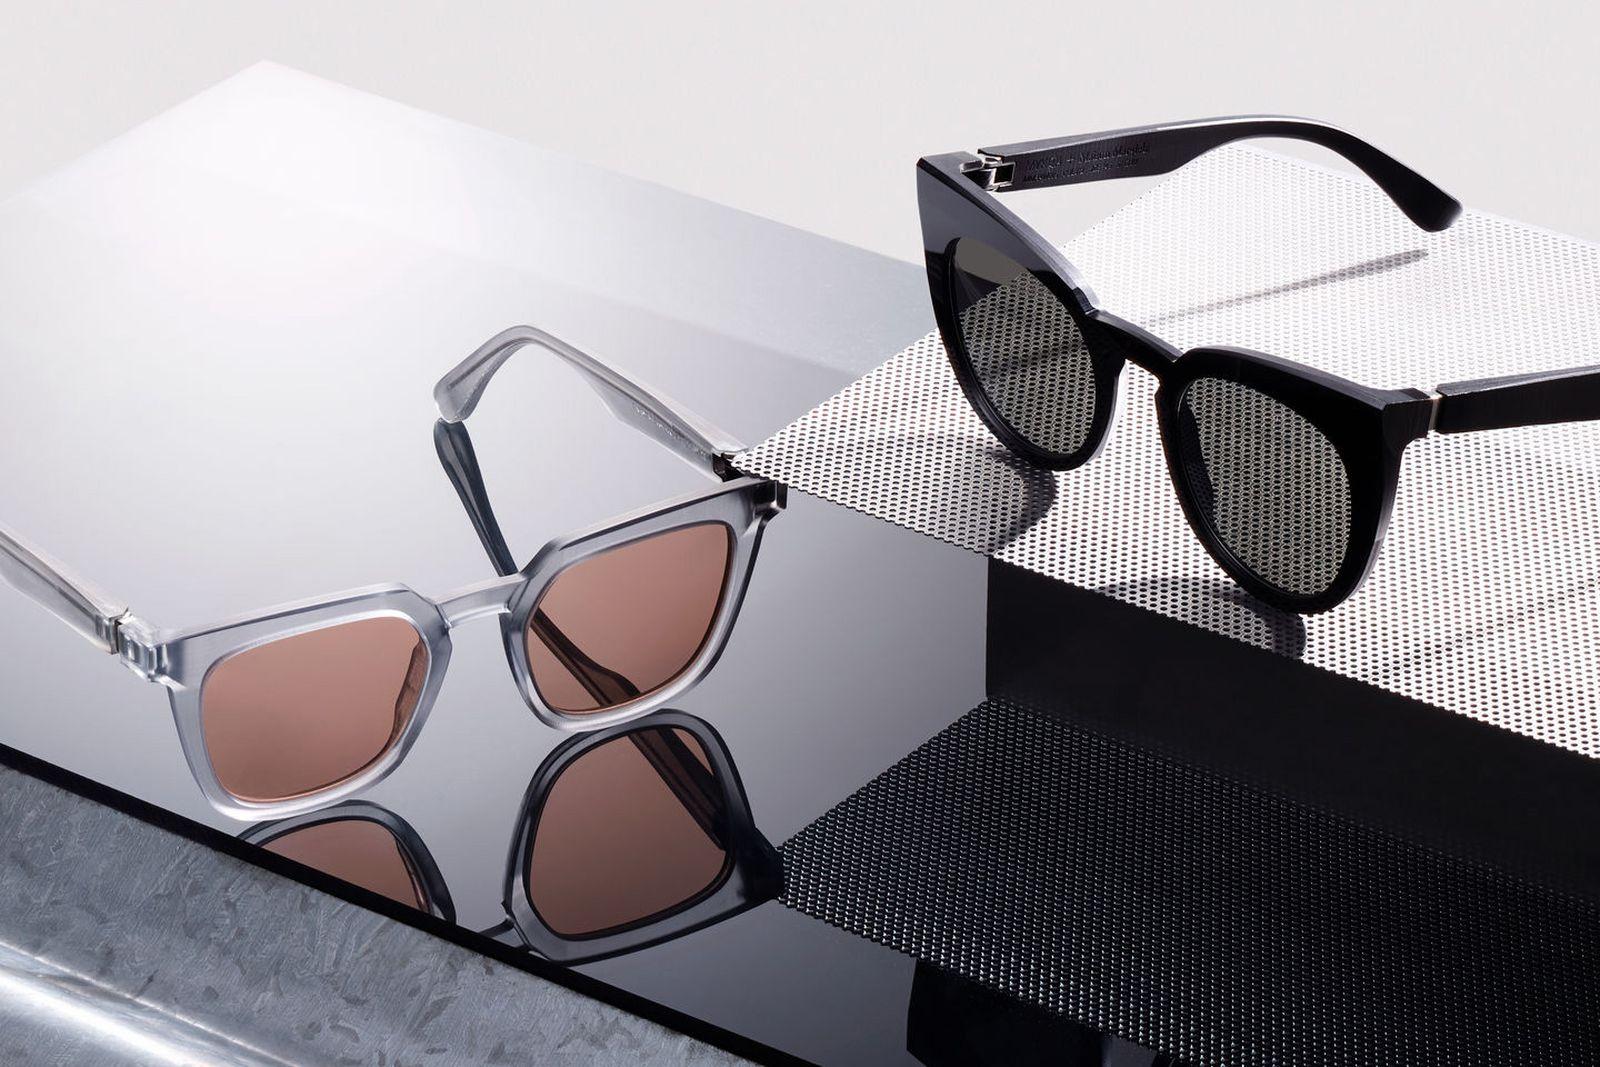 maison-margiela-mykita-eyewear-06